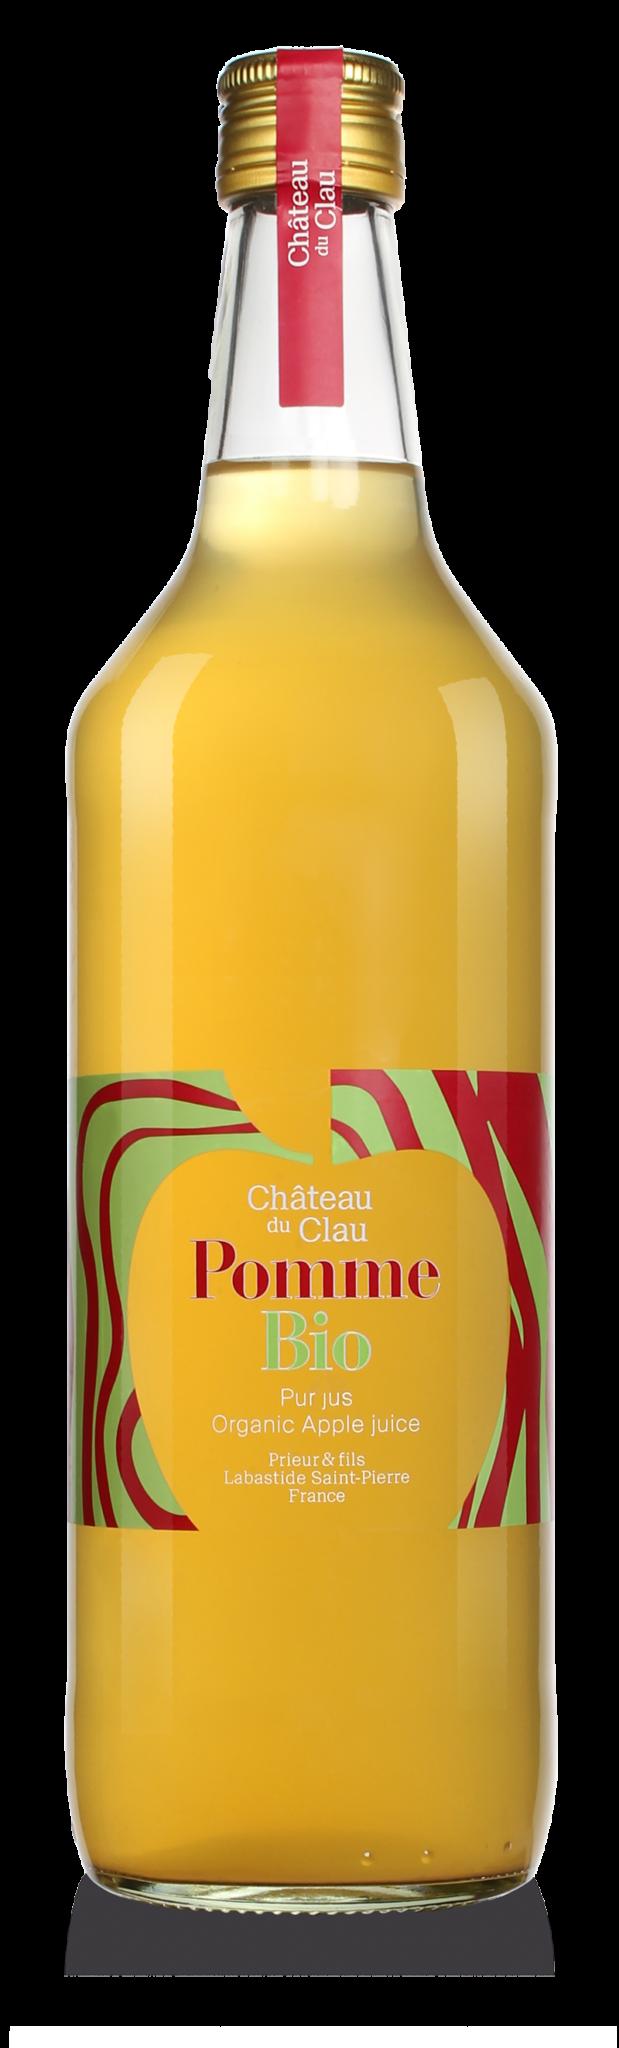 Pur Jus Pomme BIO jus de fruits artisanal haut de gamme naturel Chateau du Clau